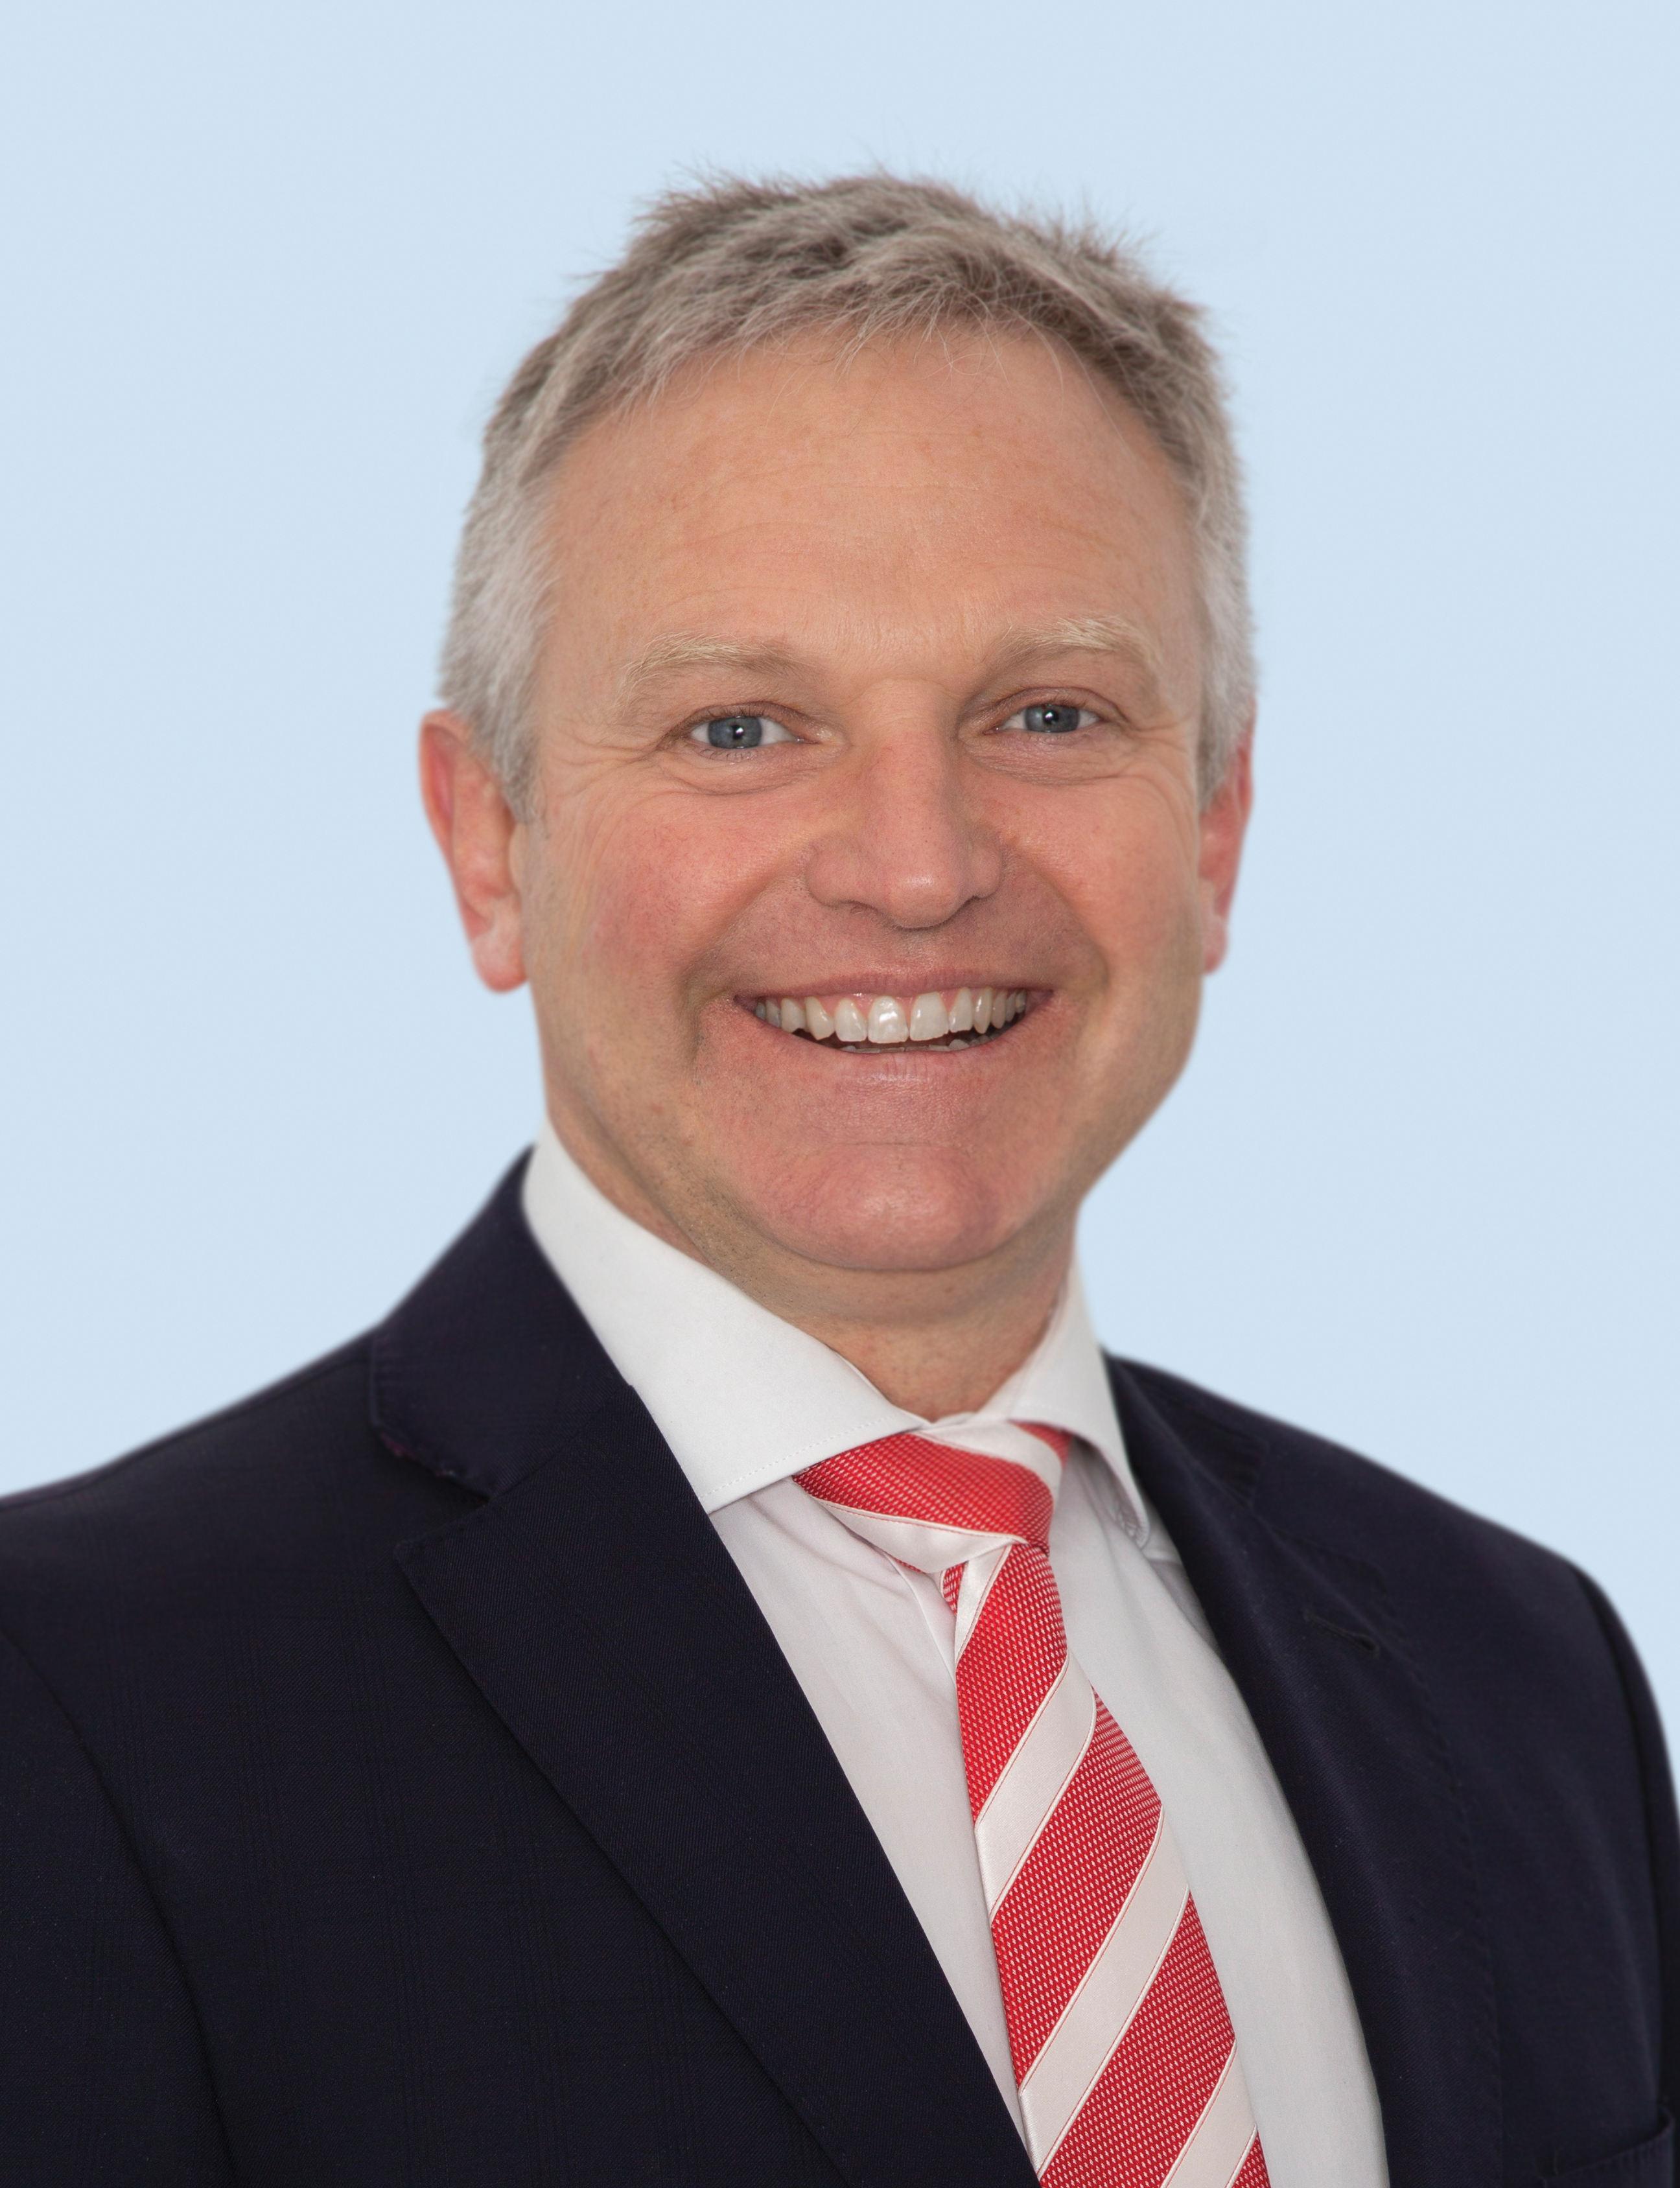 Brendan Quill